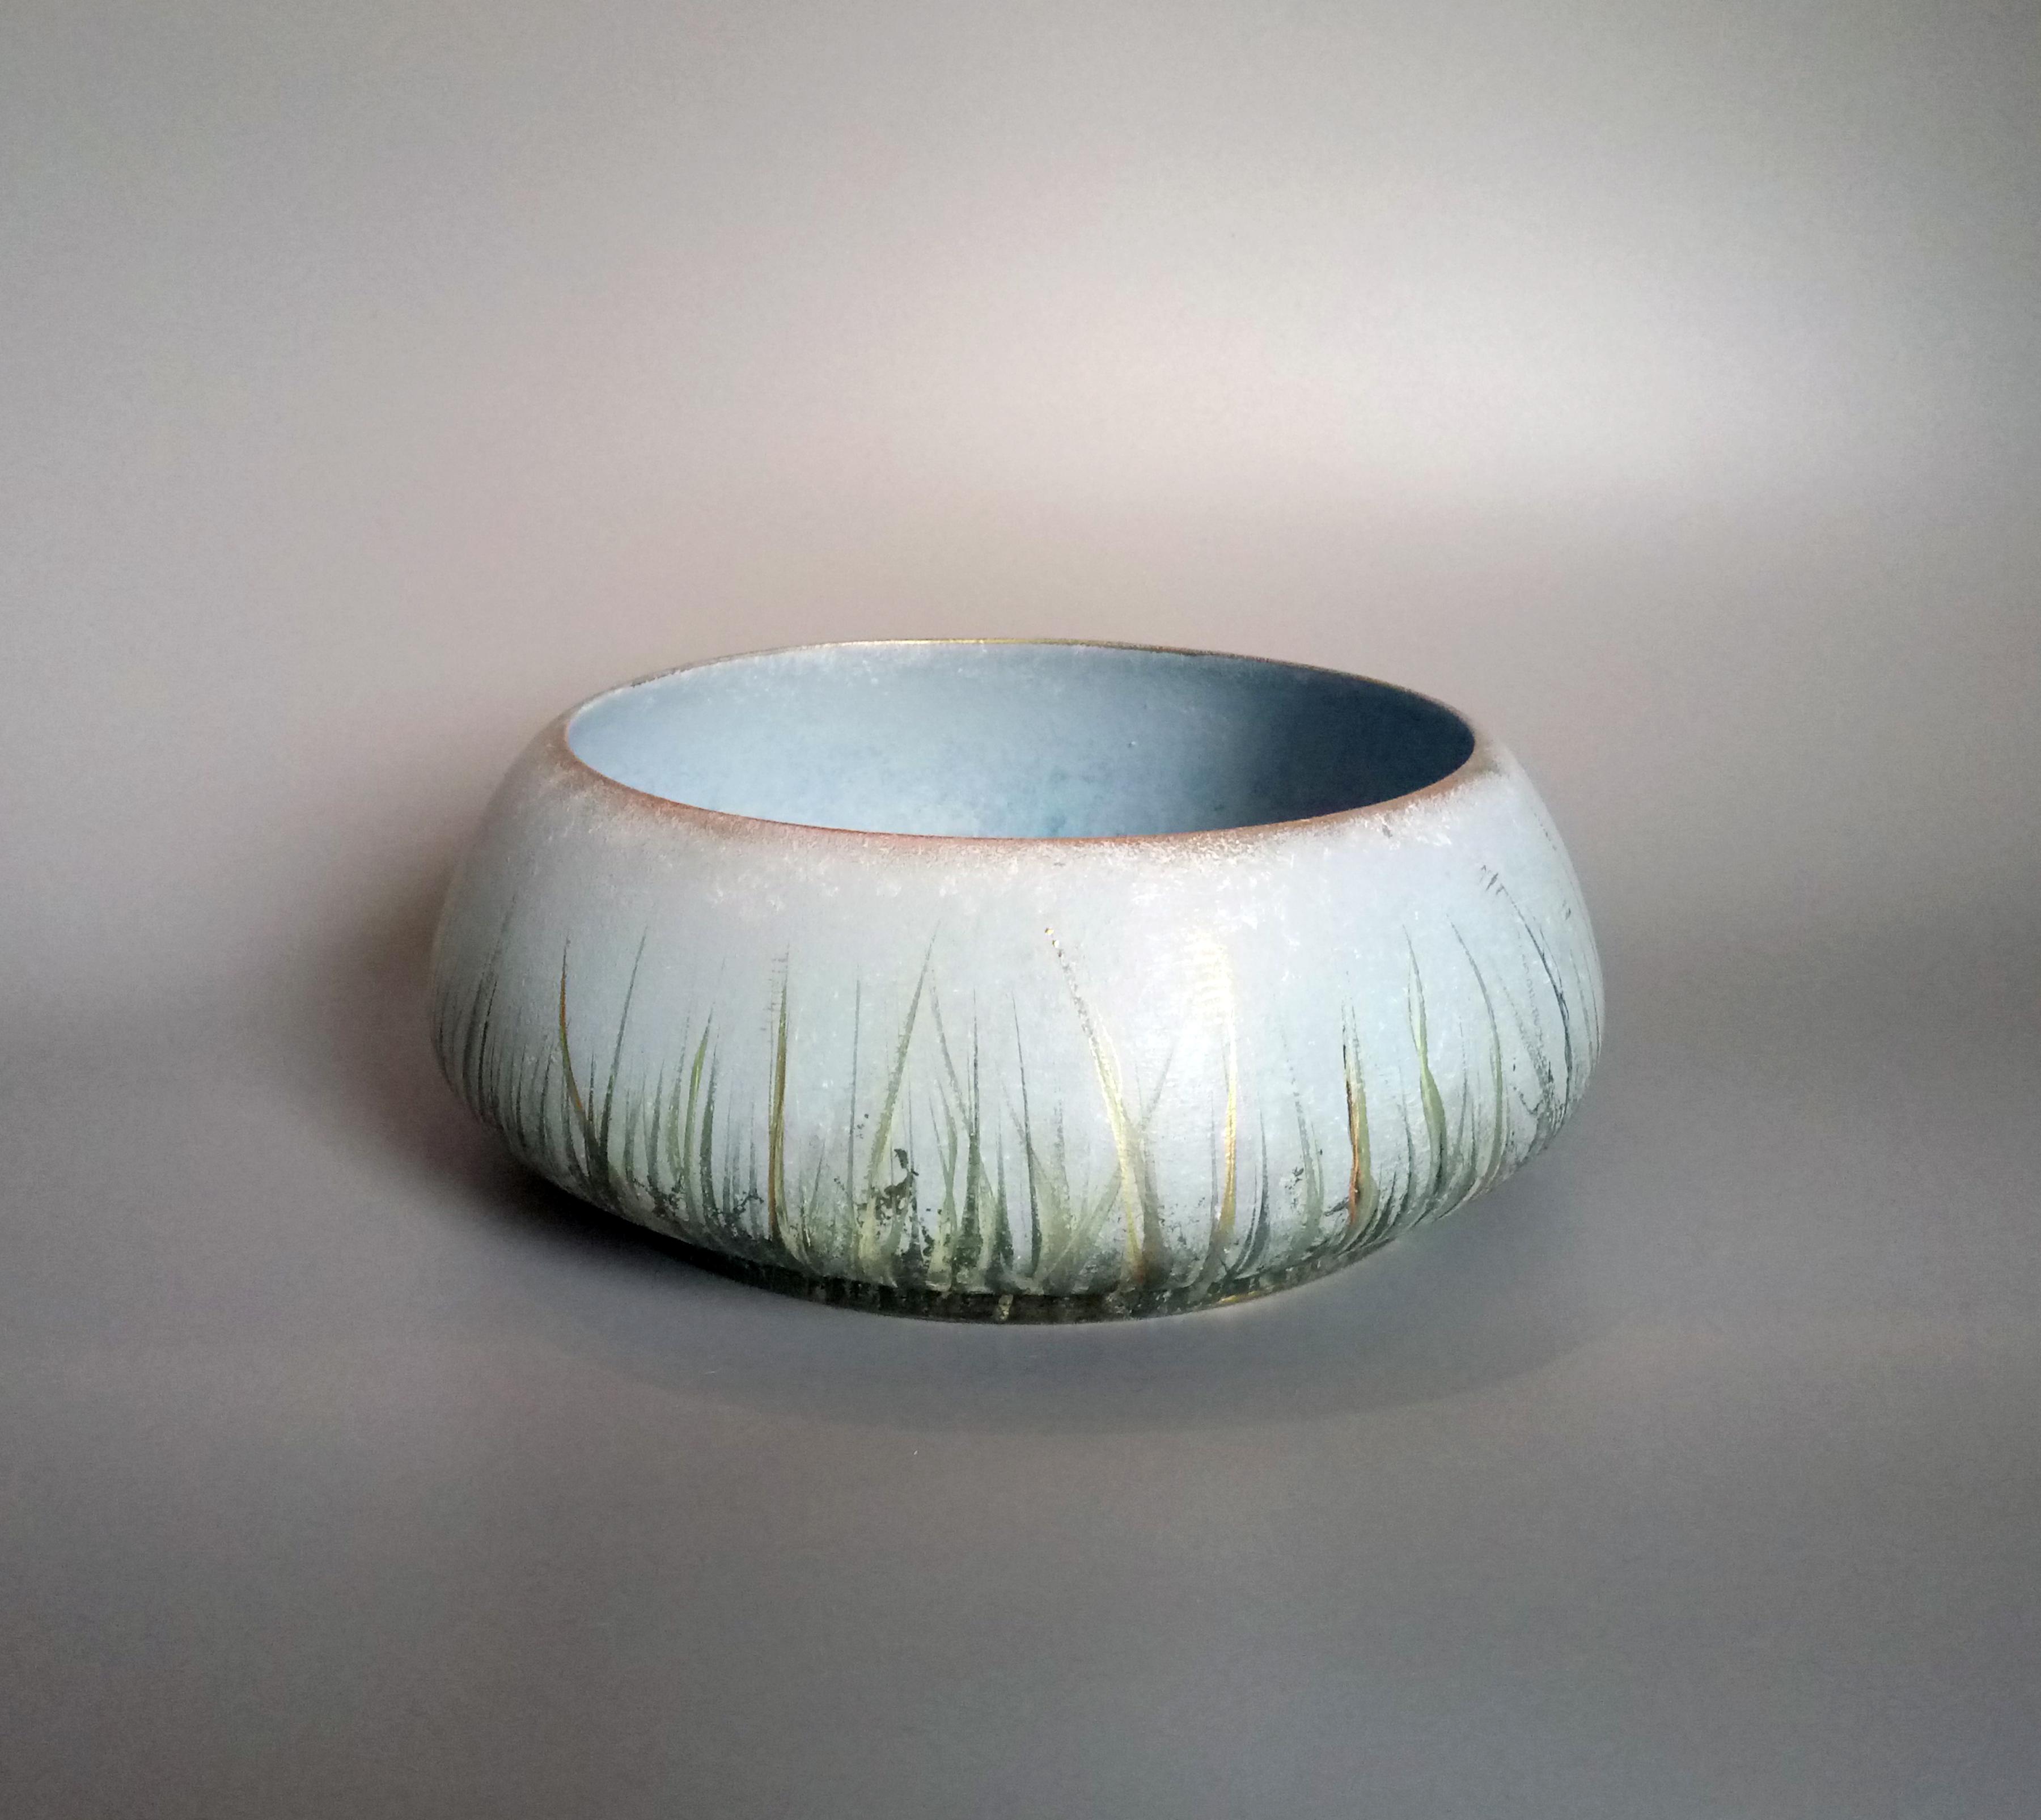 Grassy Bowl 2